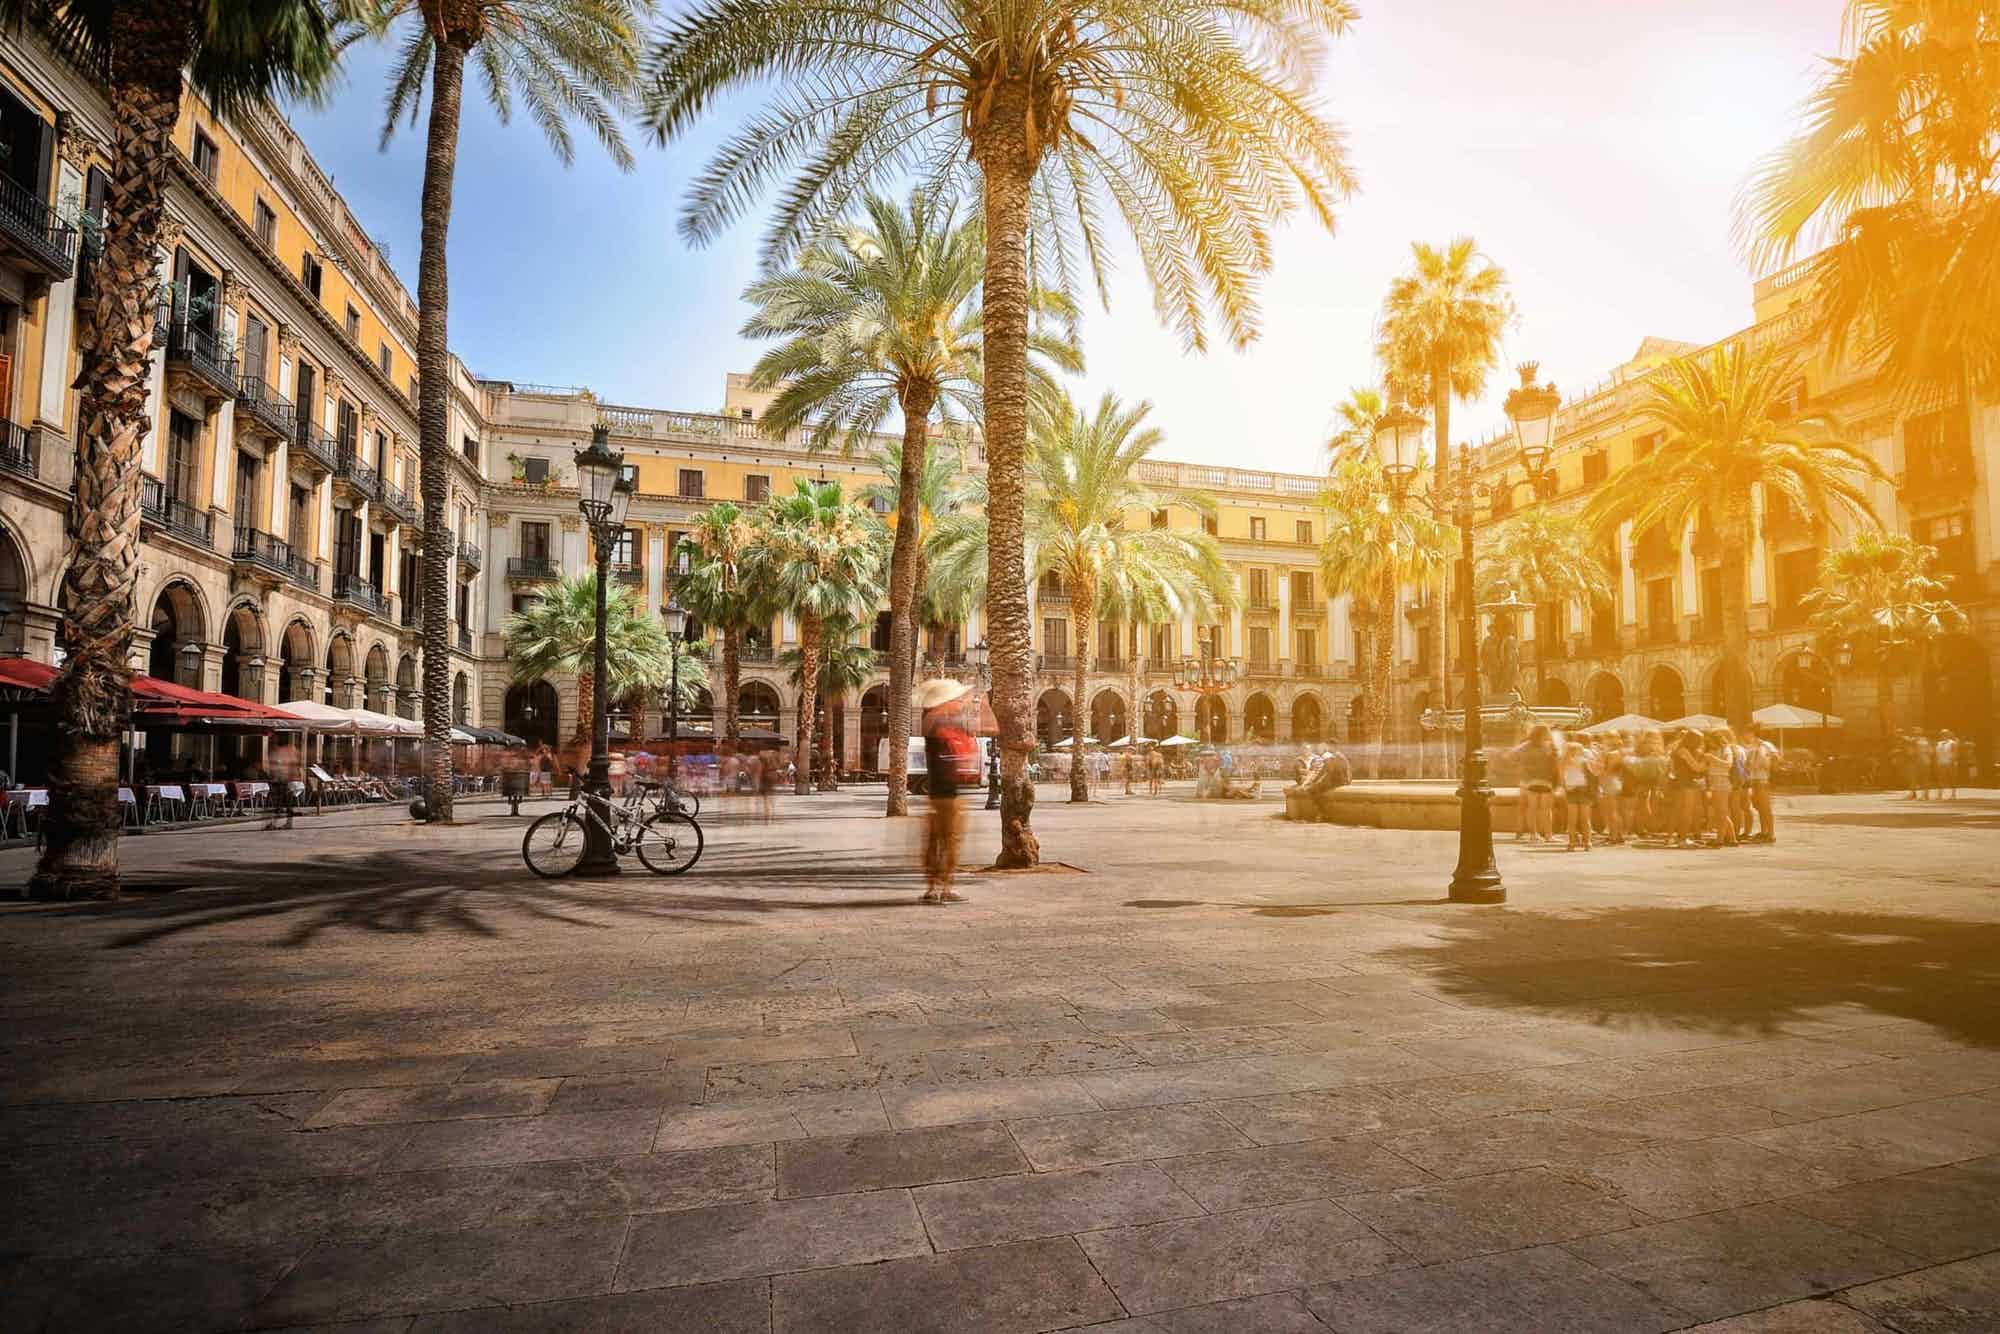 Der wunderschöne, öffentliche Platz Placa Reial in Barcelona mit seinen Palmen, Cafés und Restaurants